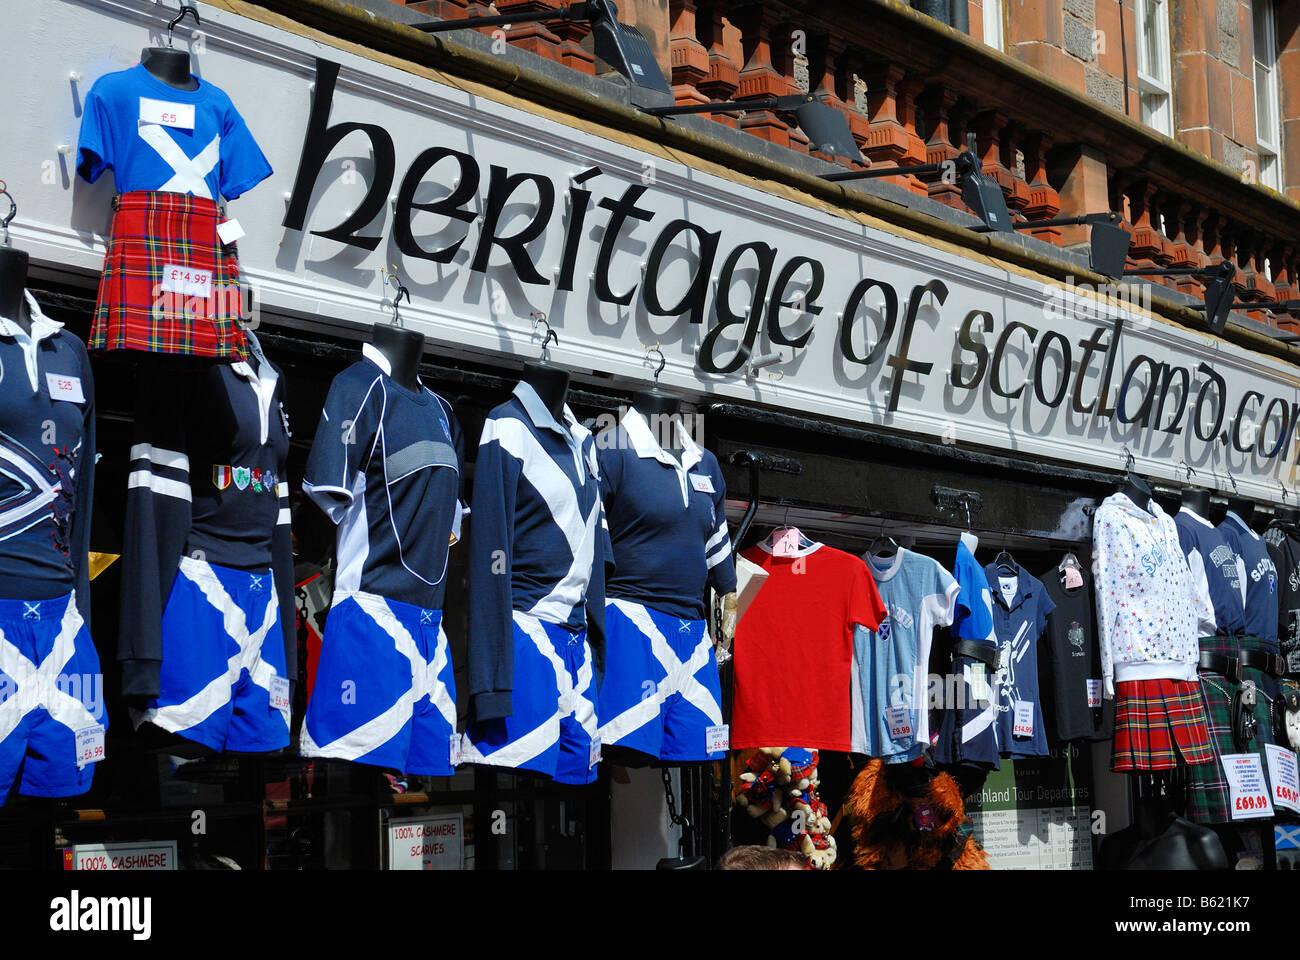 Scottish clothing stores